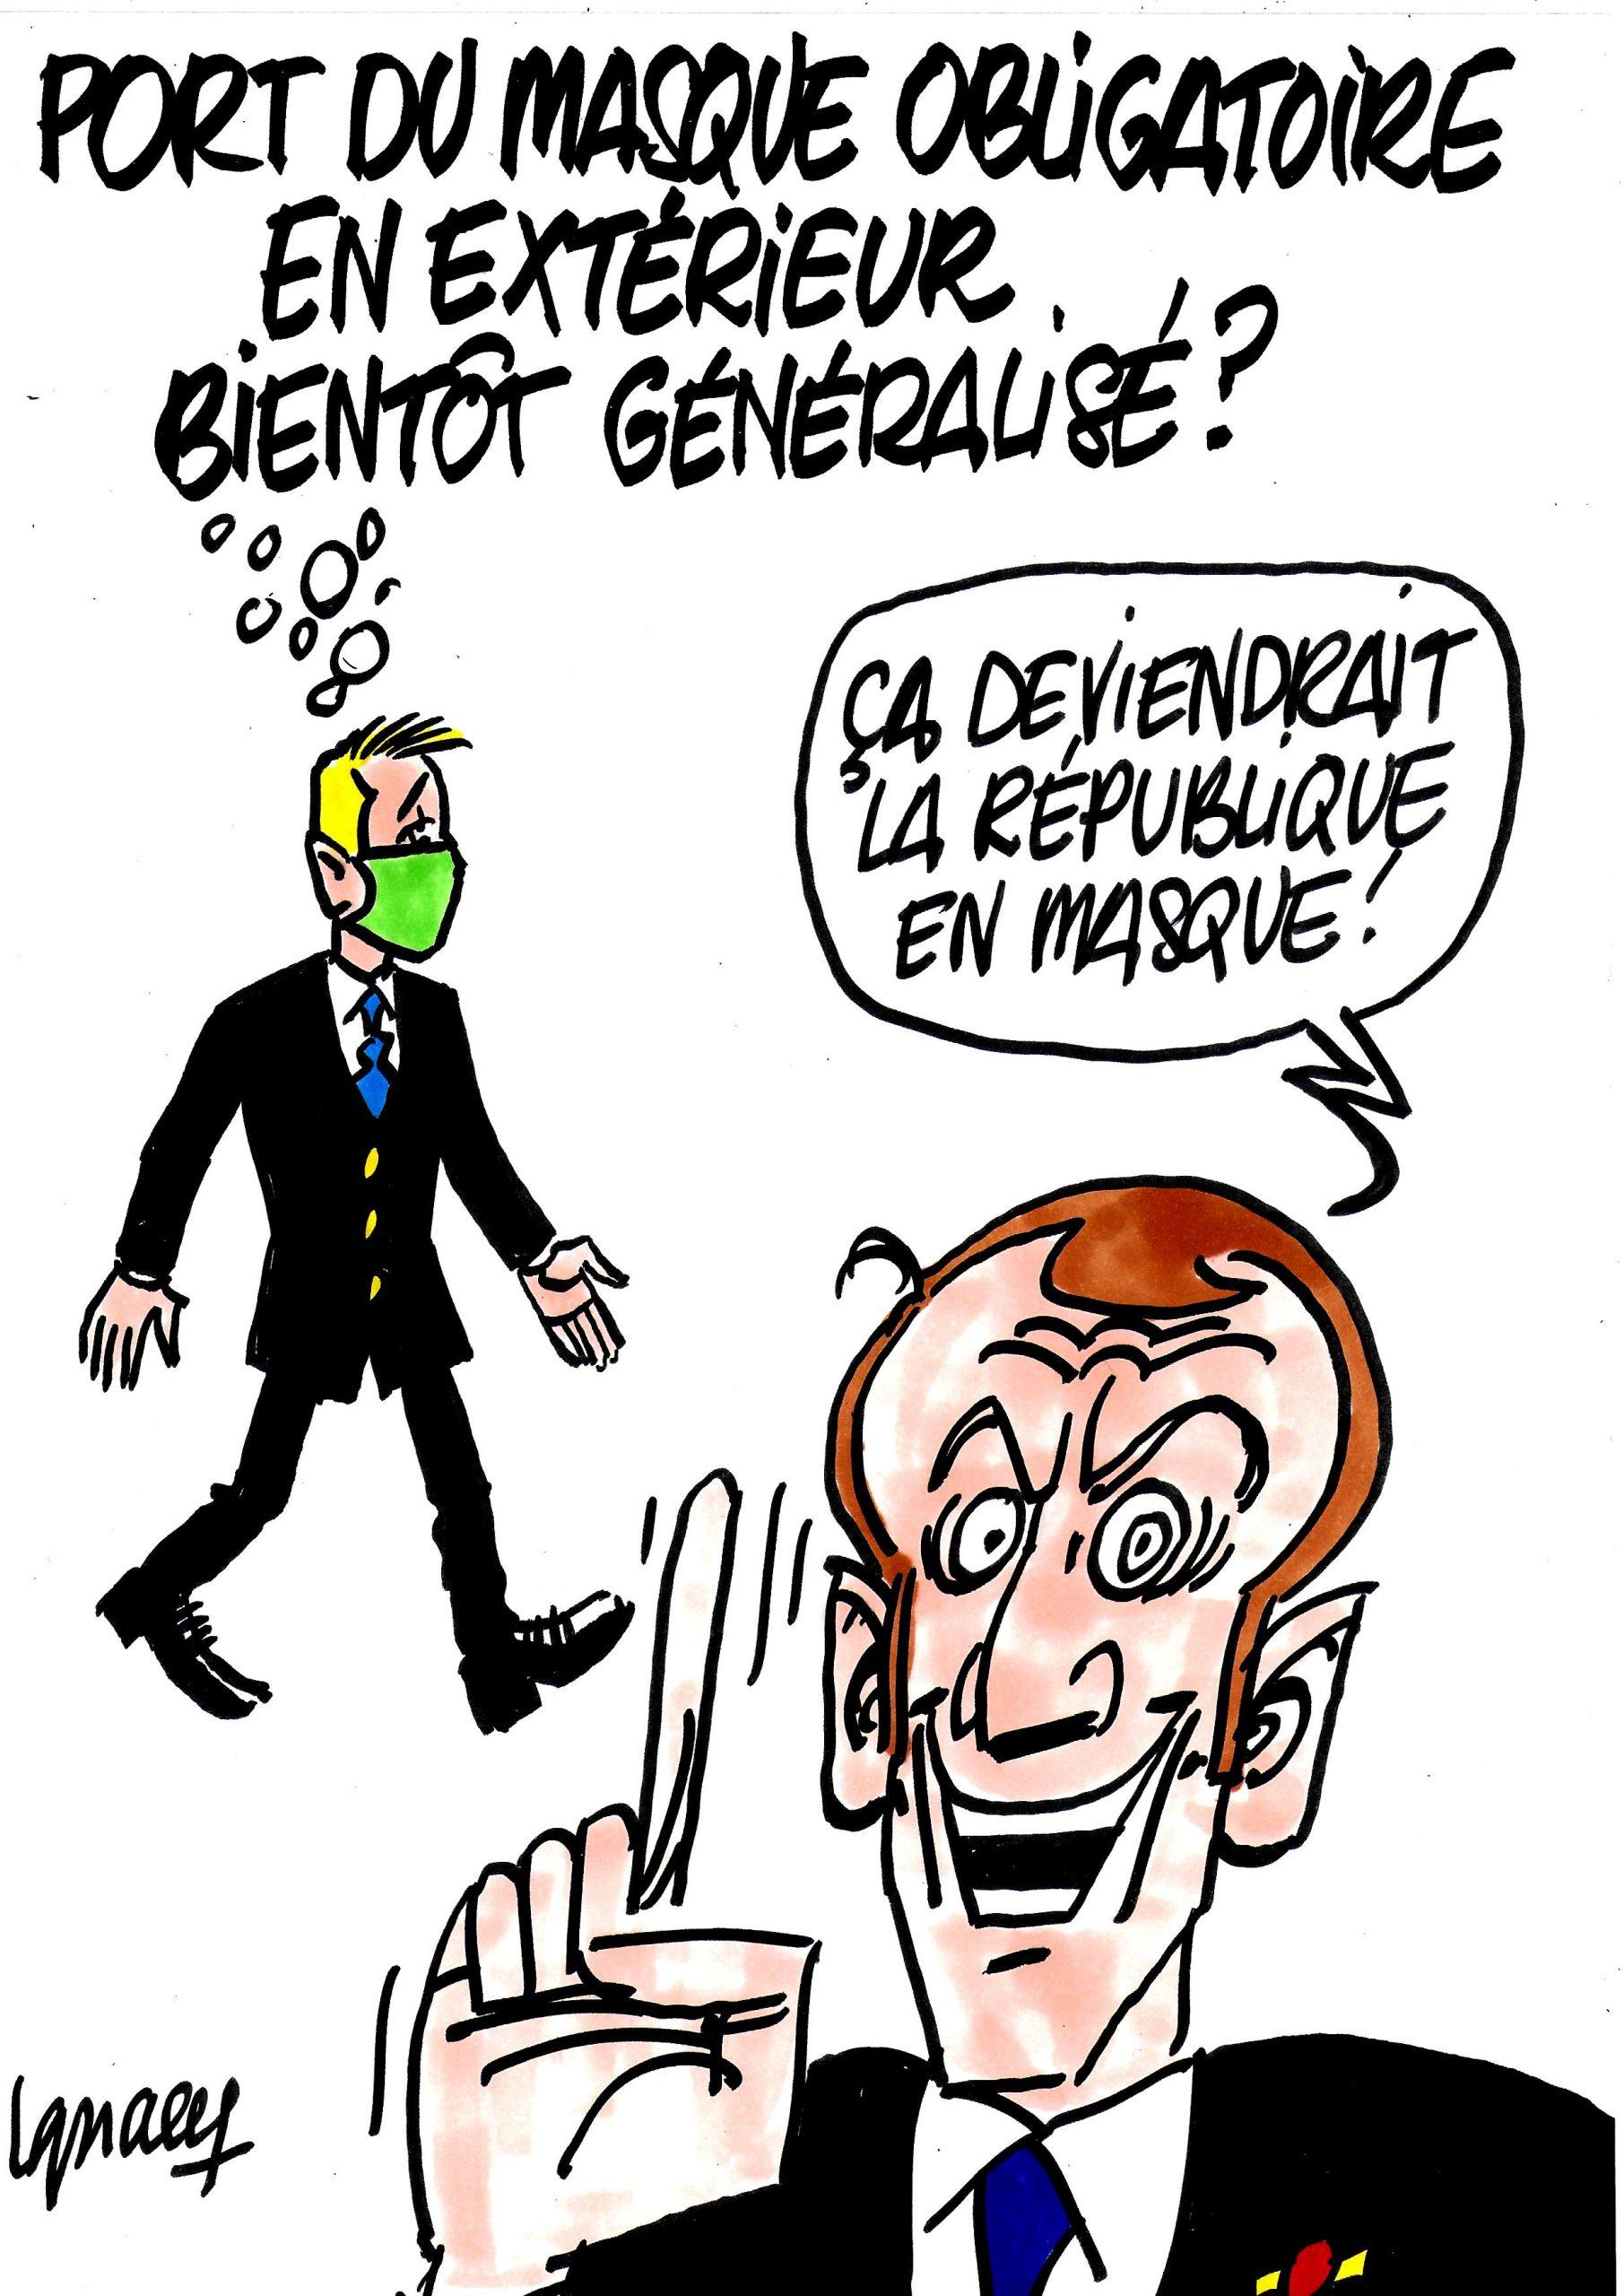 Ignace - Vers un masque obligatoire généralisé ?